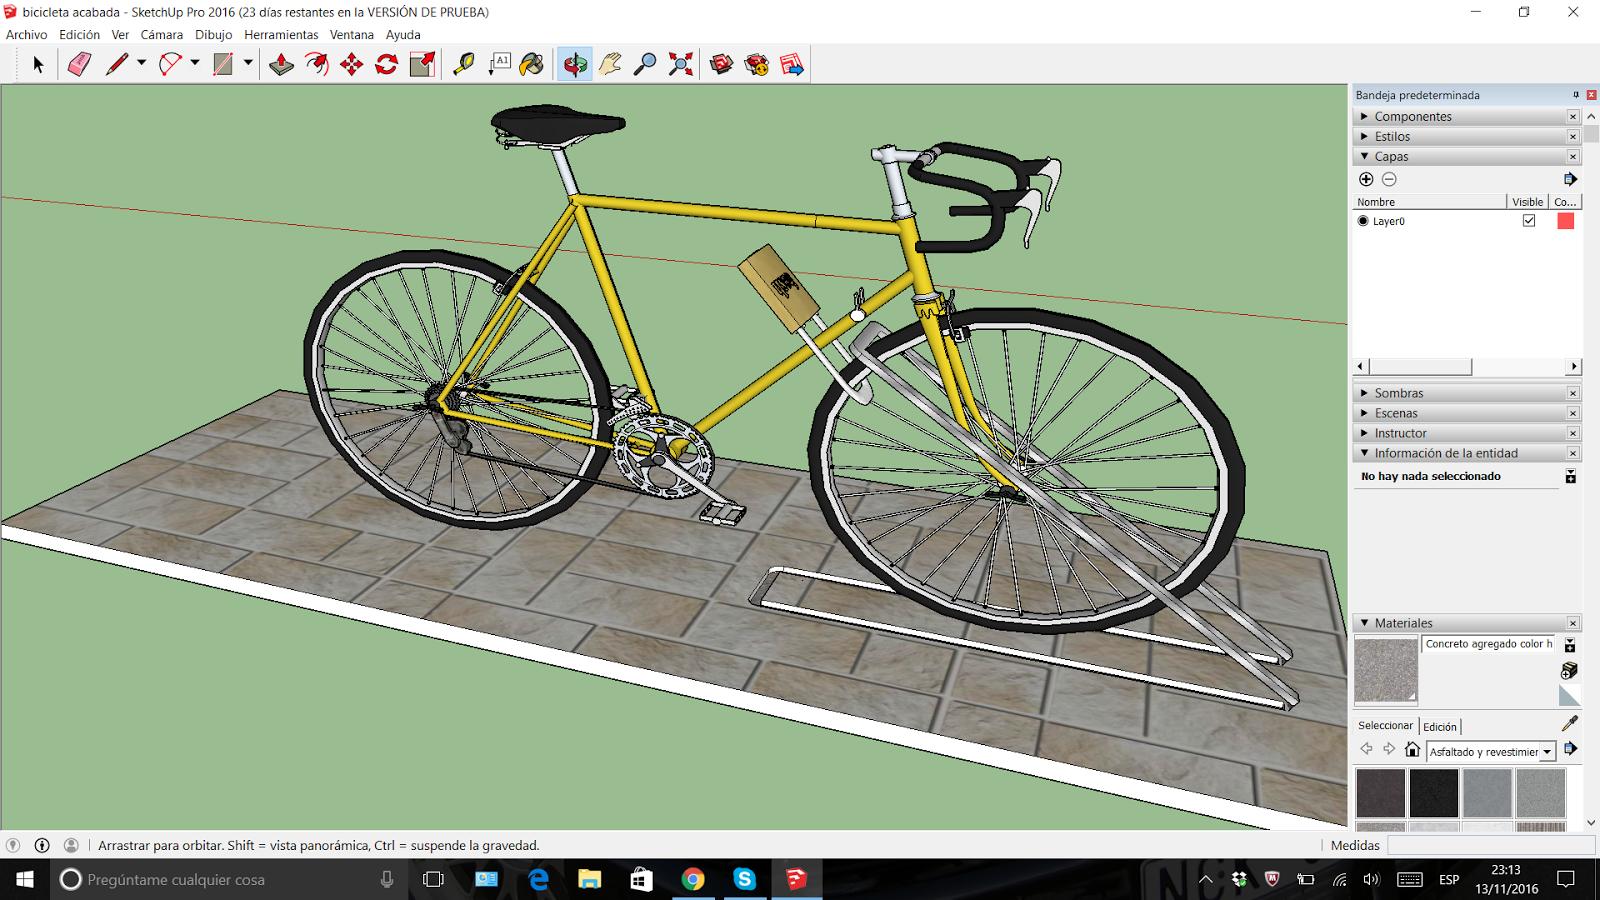 Increíble Diseño De Arrastrar Cuadro De La Bicicleta Componente ...